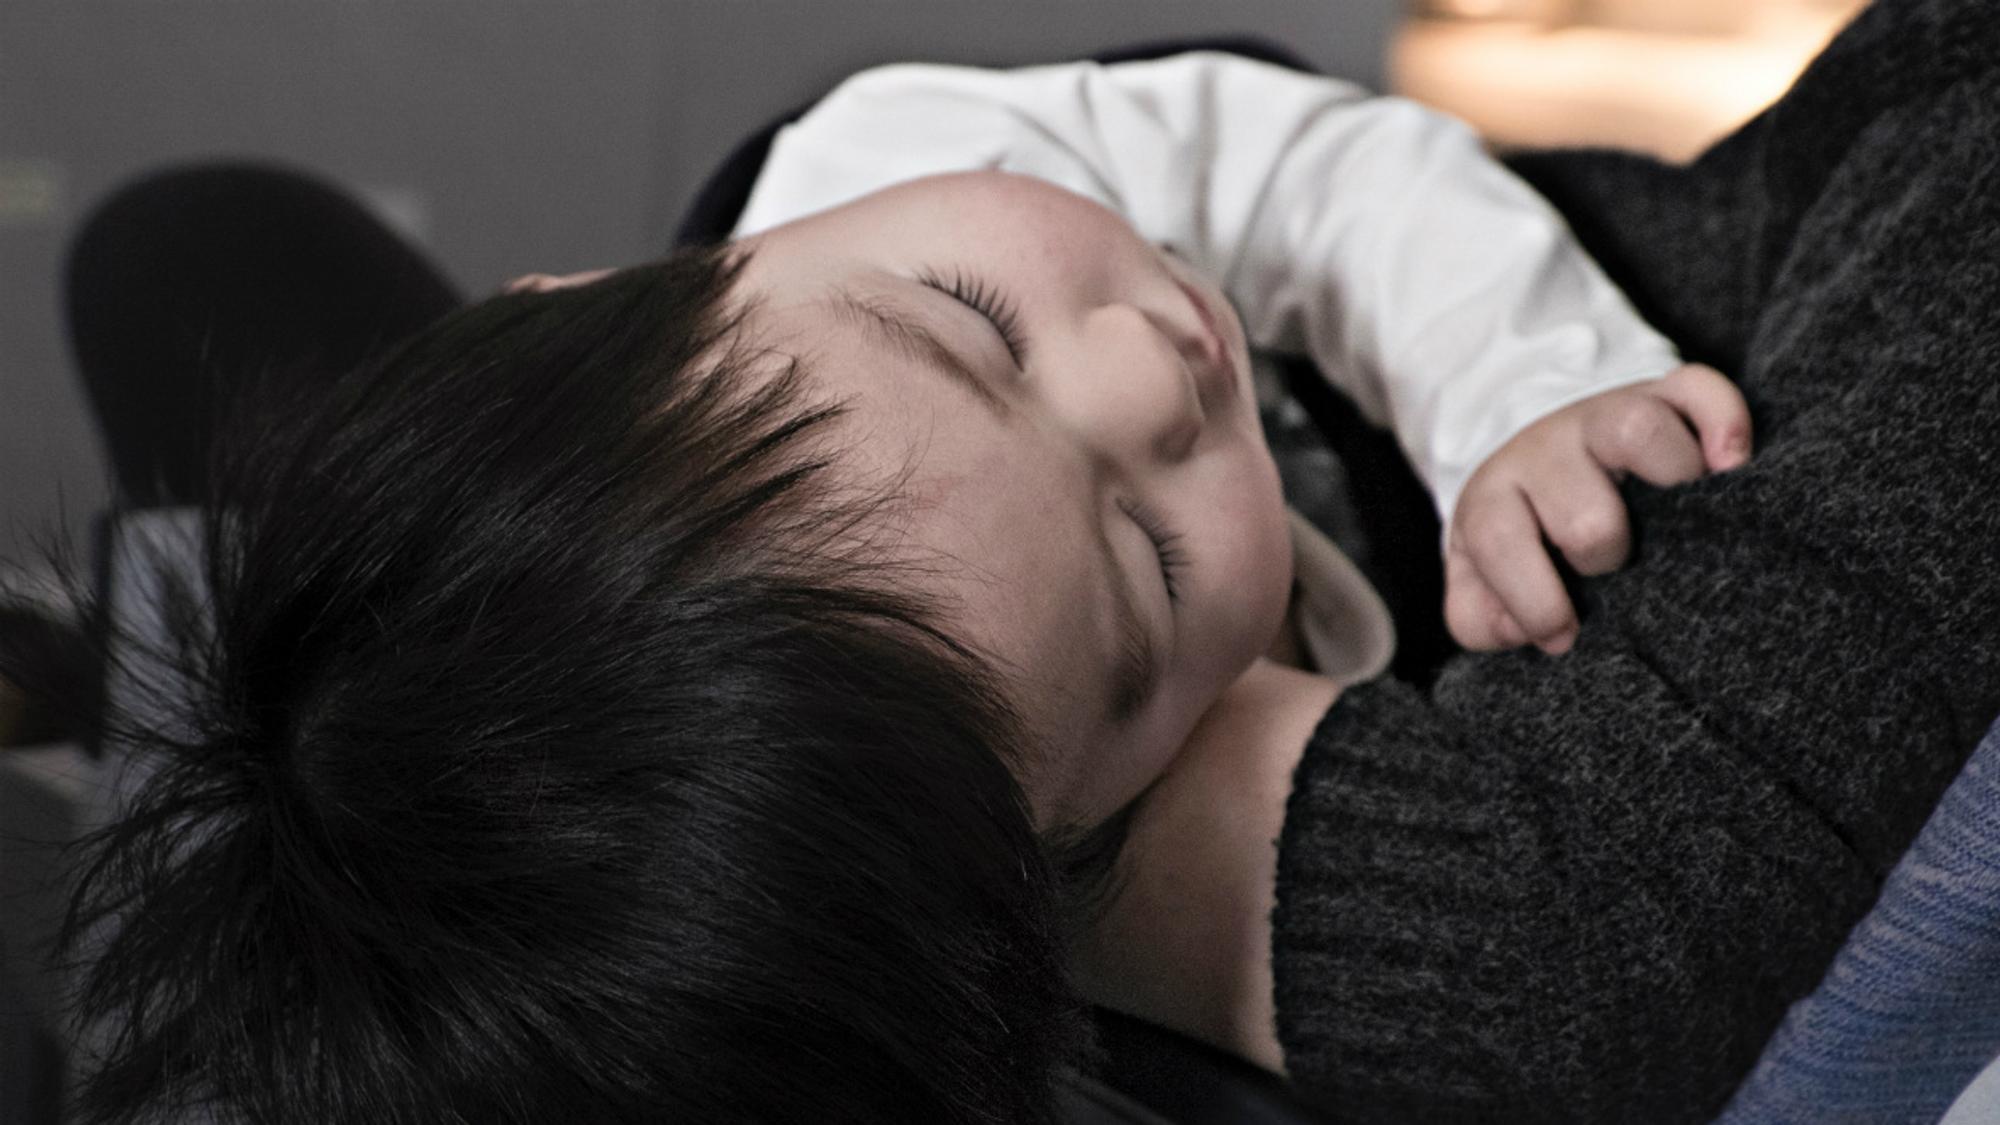 Pfeiffersches Drüsenfieber bei Kindern - Die stille Krankheit